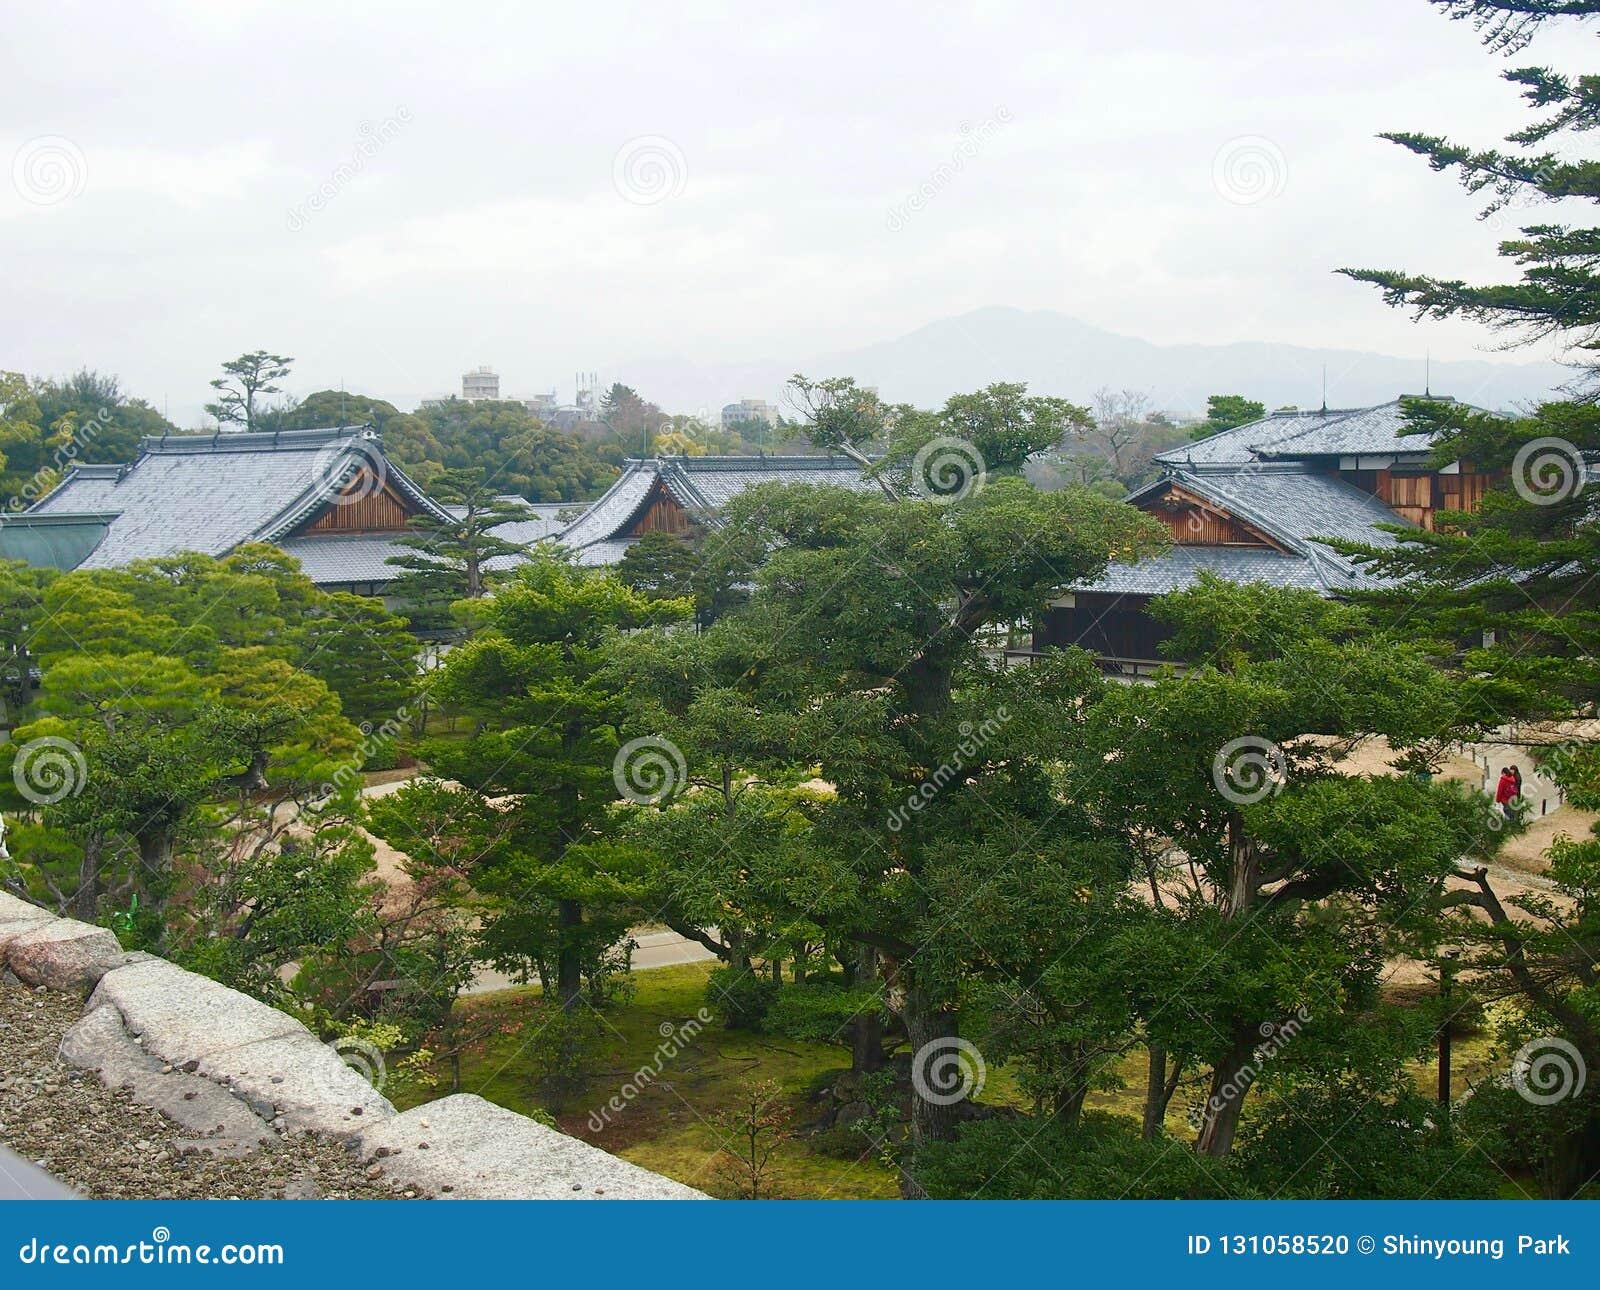 En japansk arboretum, botanisk trädgård med gröna träd